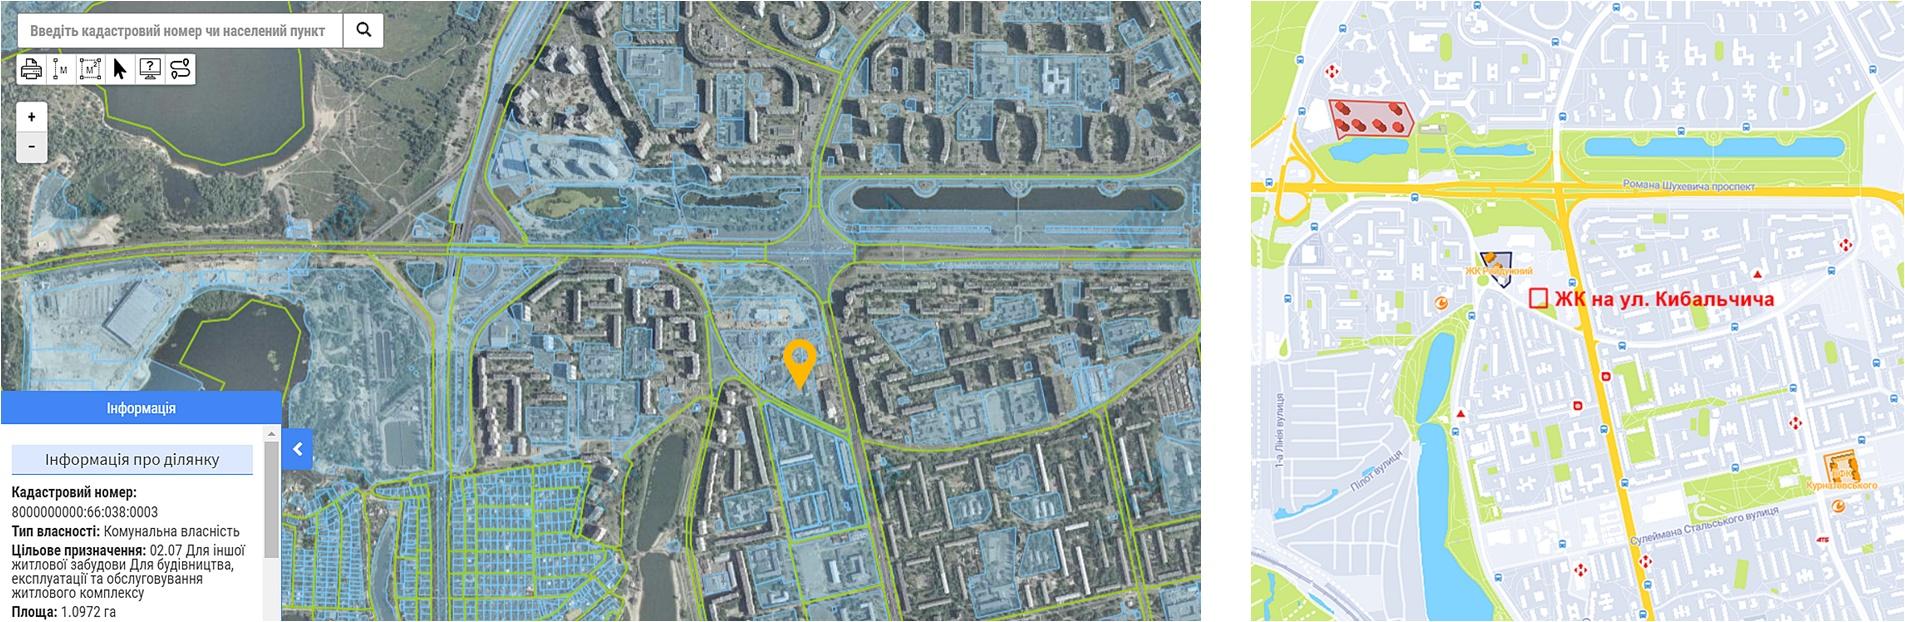 Проект по ул. Кибальчича данные кадастра и на карте